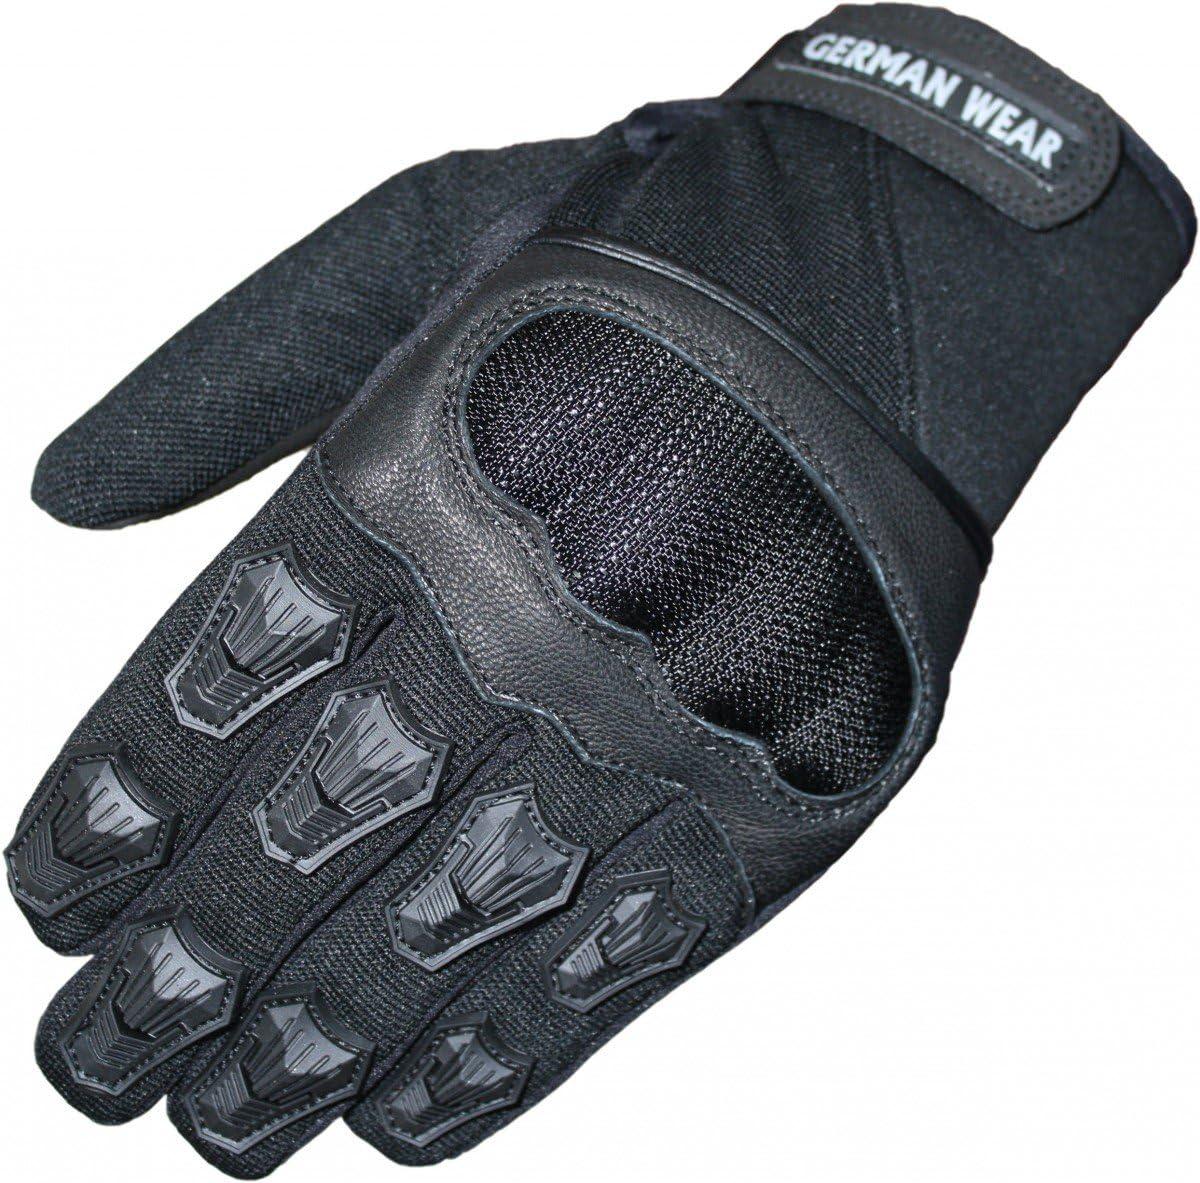 German Wear Motocross Motorradhandschuhe Sommer Motorrad Biker Handschuhe Textilhandschuhe Schwarz Size 9 L Auto